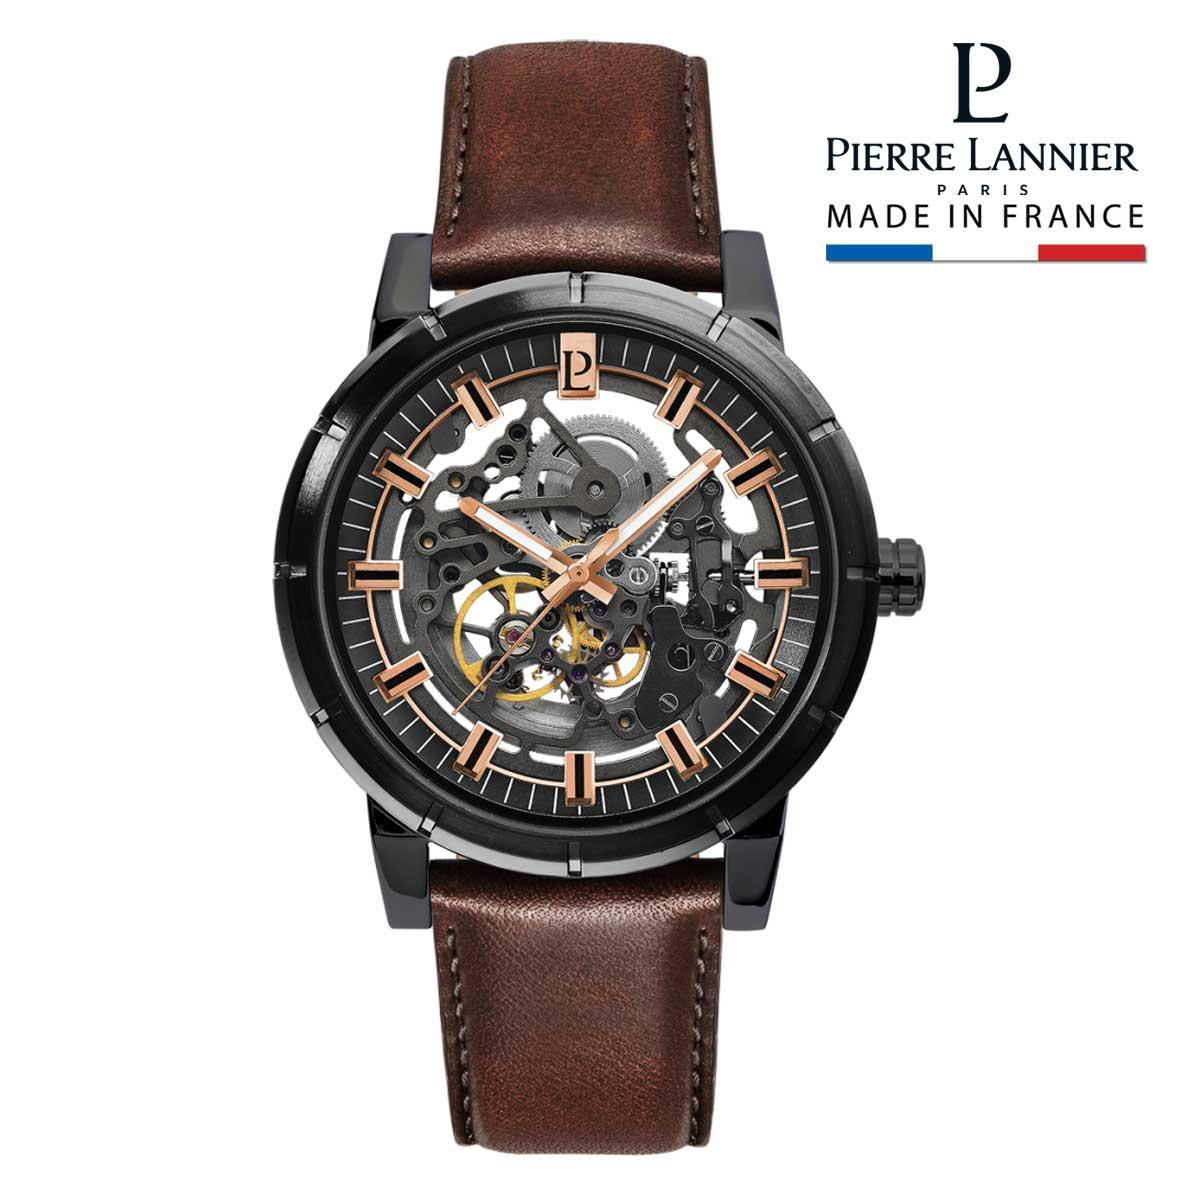 腕時計 メンズ 自動巻 ブランド ピエールラニエ オートマティック コレクション レザーベルト 牛革 スケルトン